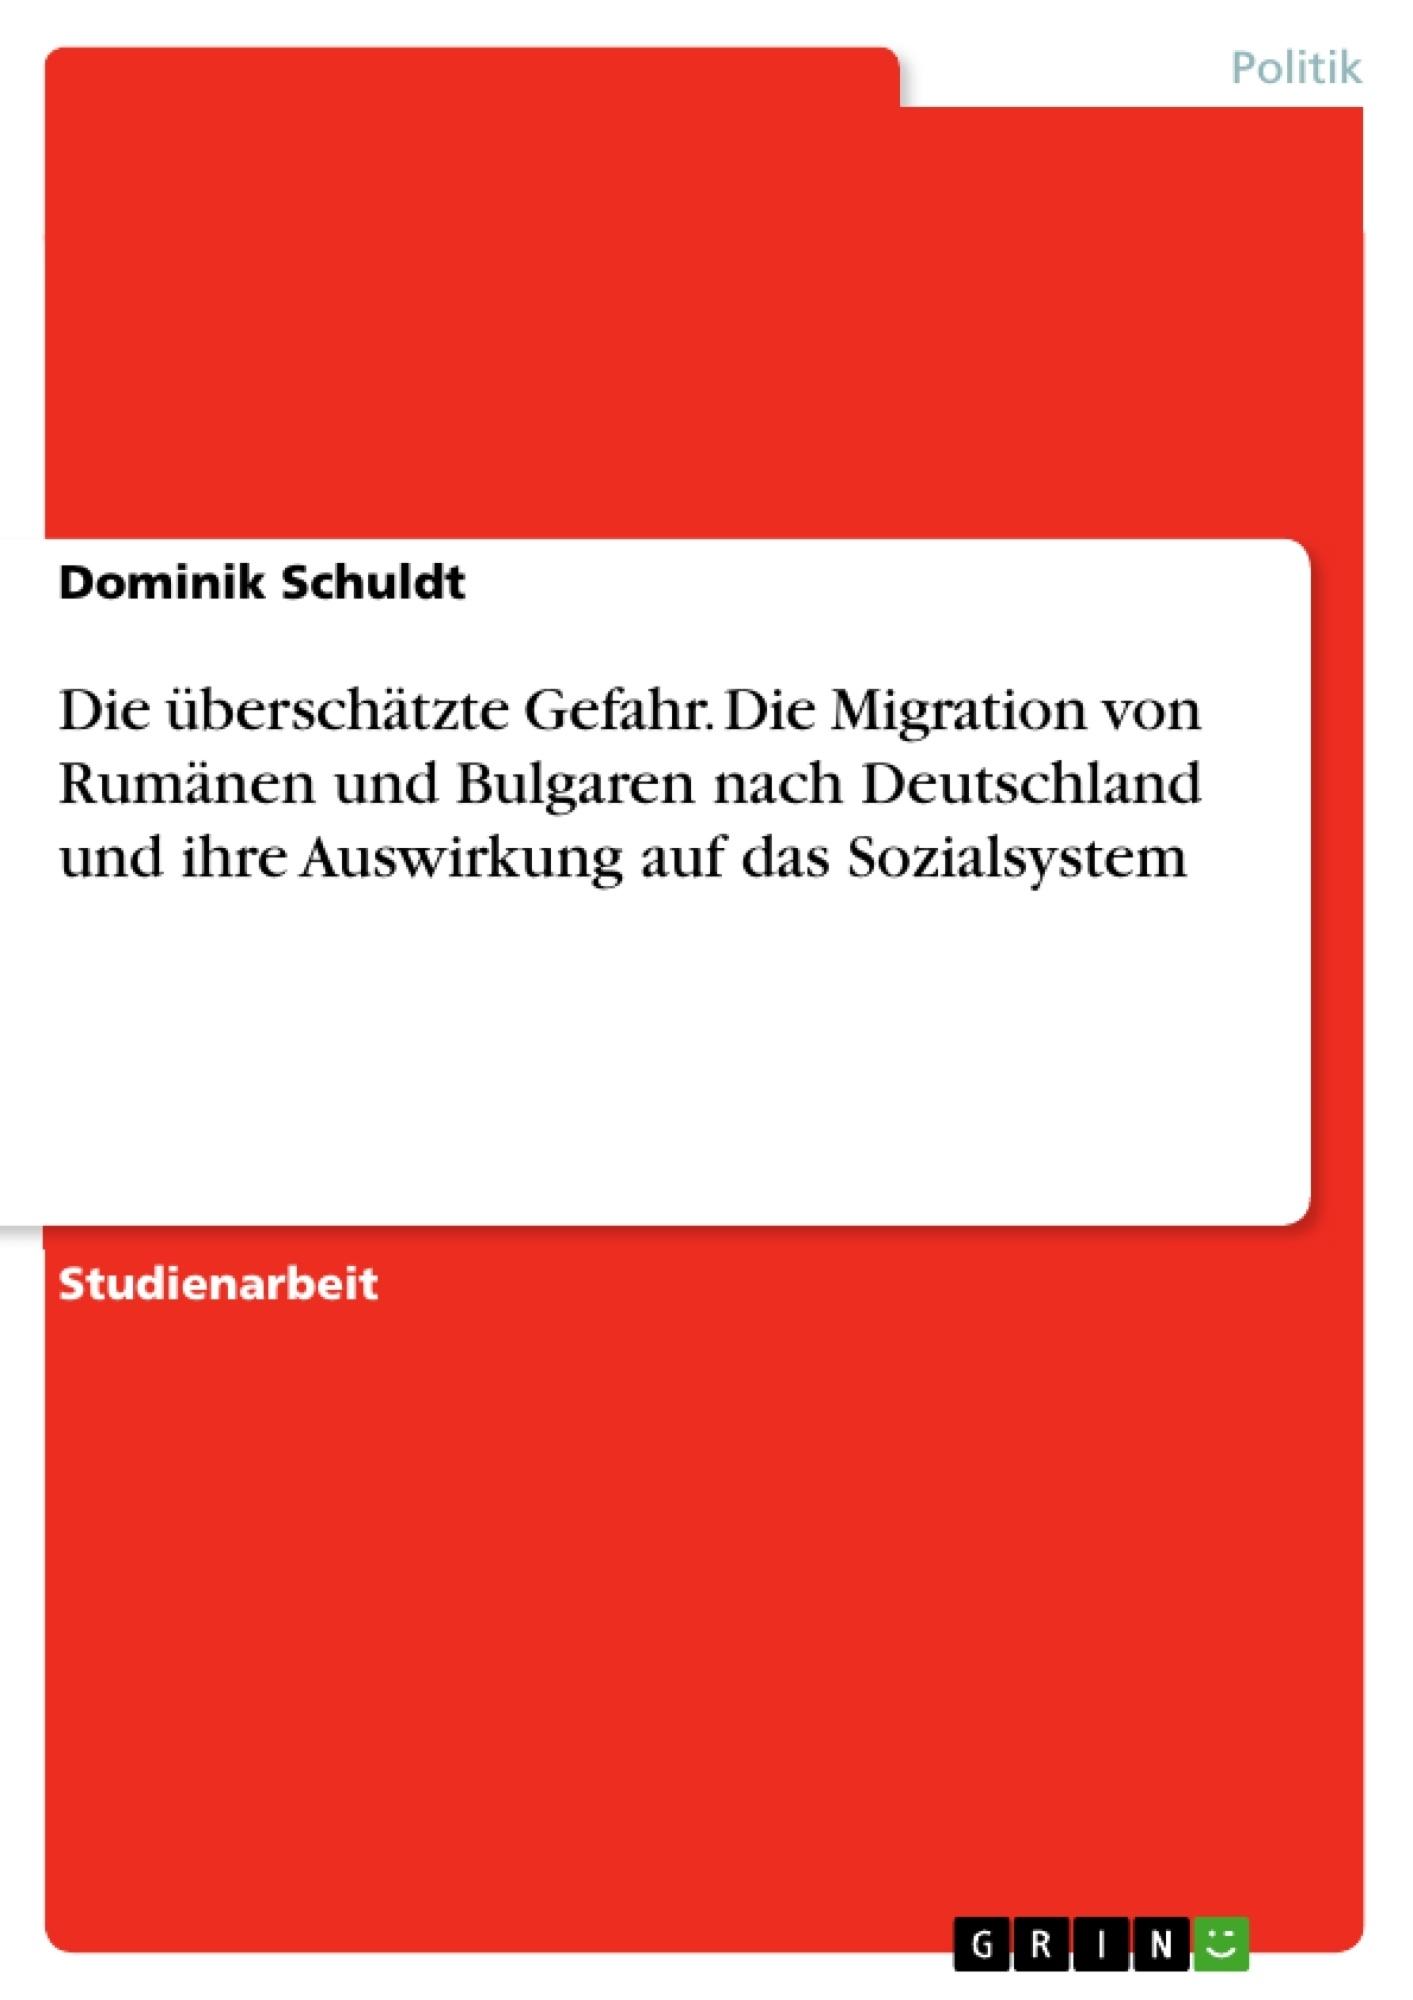 Titel: Die überschätzte Gefahr. Die Migration von Rumänen und Bulgaren nach Deutschland und ihre Auswirkung auf das Sozialsystem